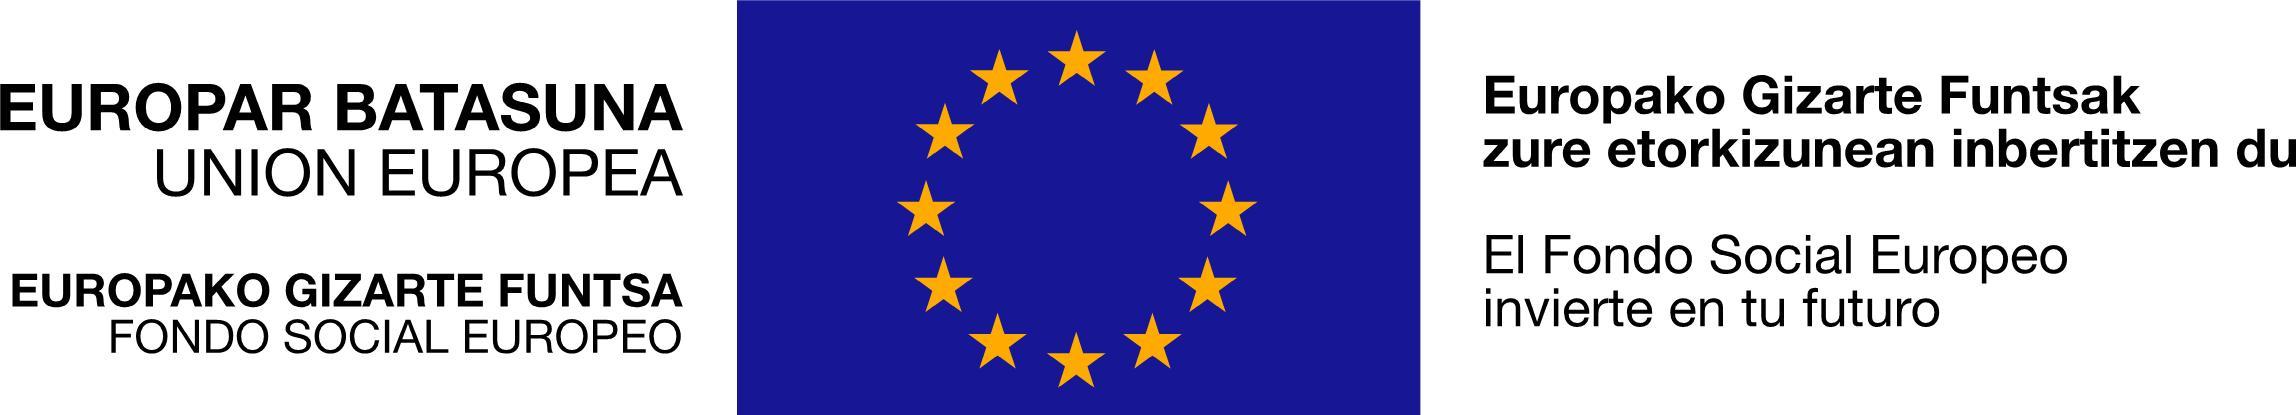 Resultado de imagen de fondo social europeo logo europar batasuna europako gizarte funtsa